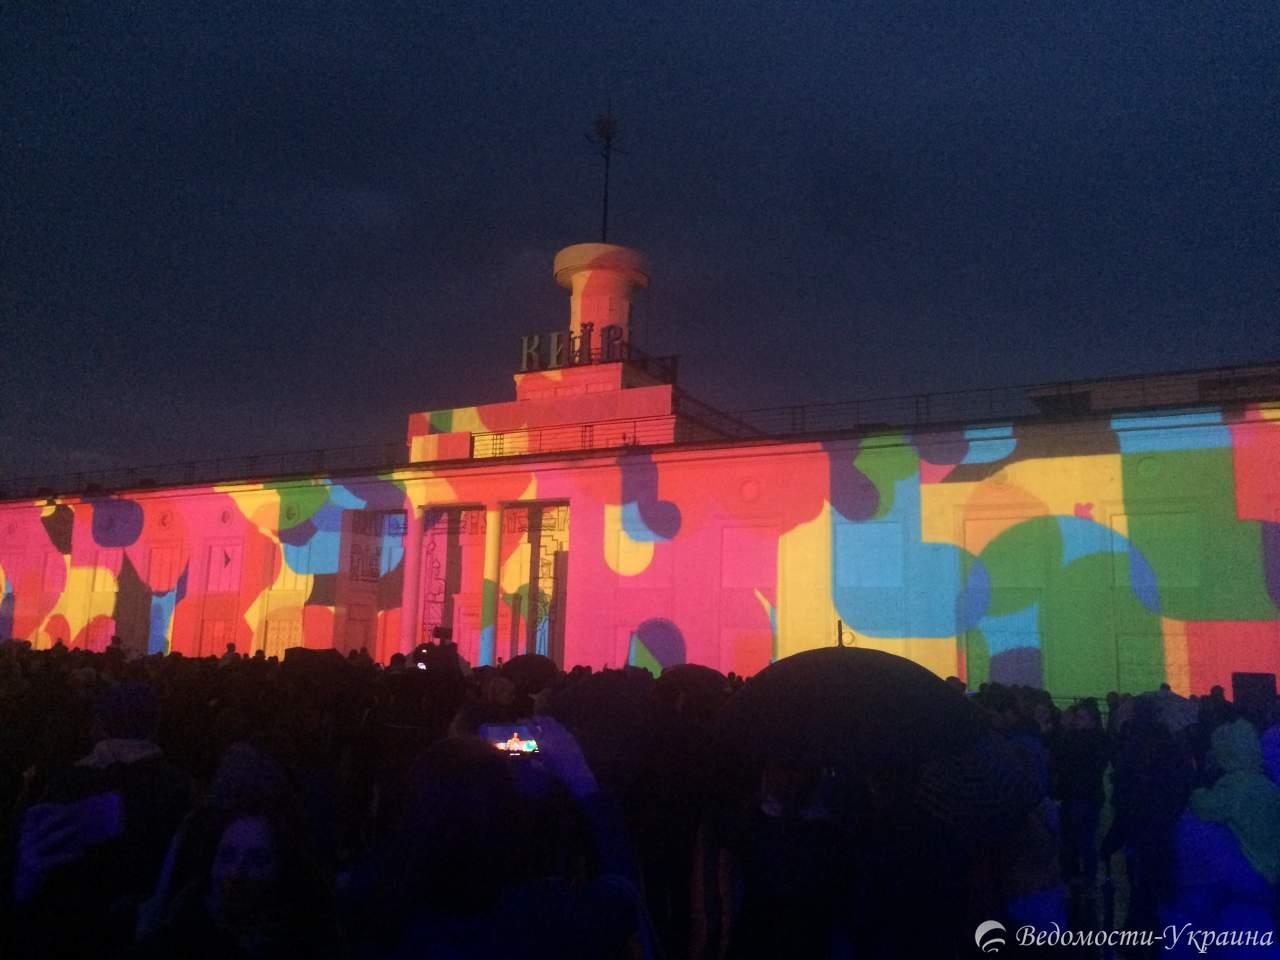 Лазерное шоу в Киеве с высоты птичьего полета (видео)